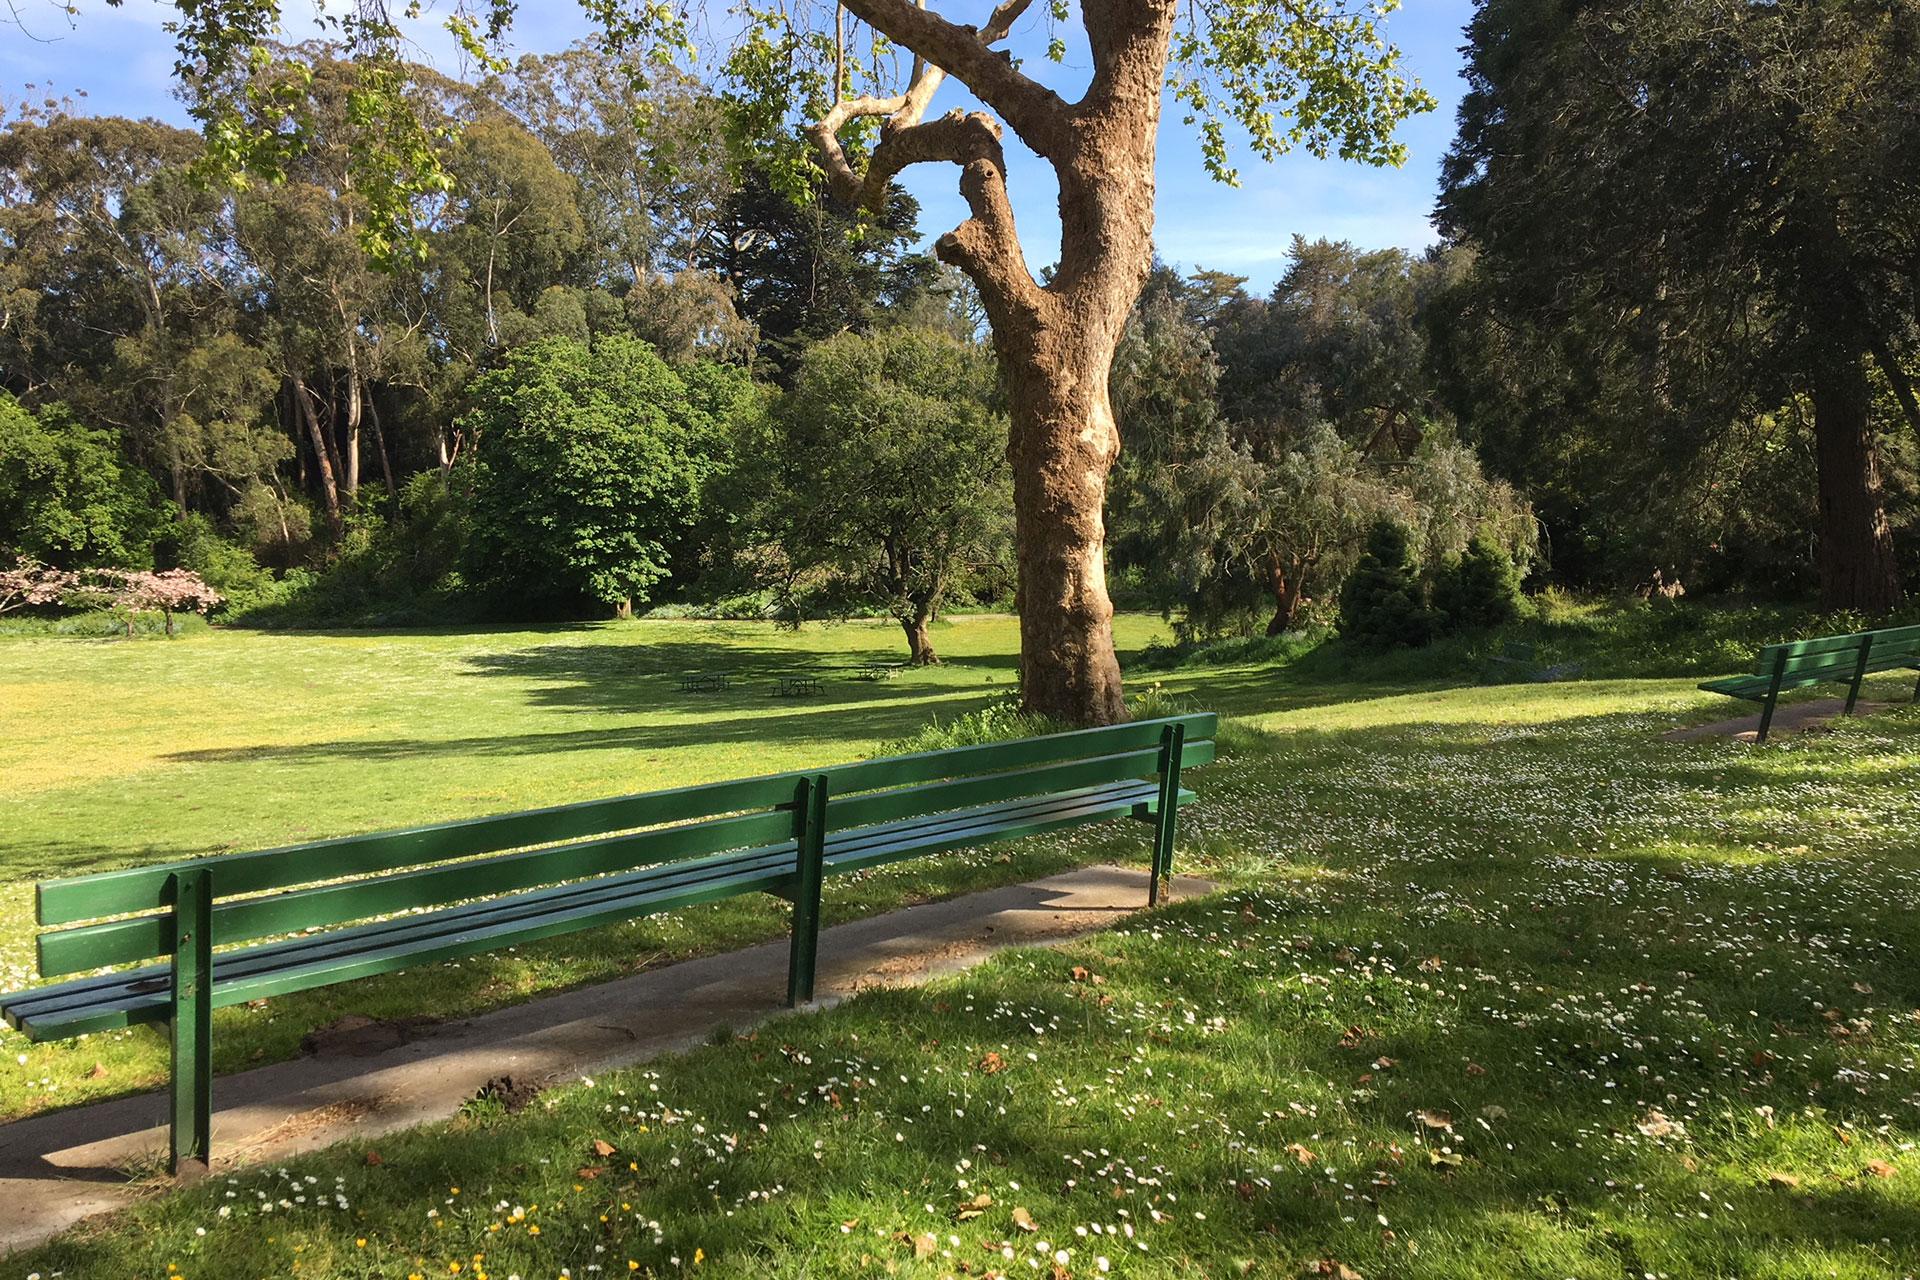 Bench at Golden Gate Park